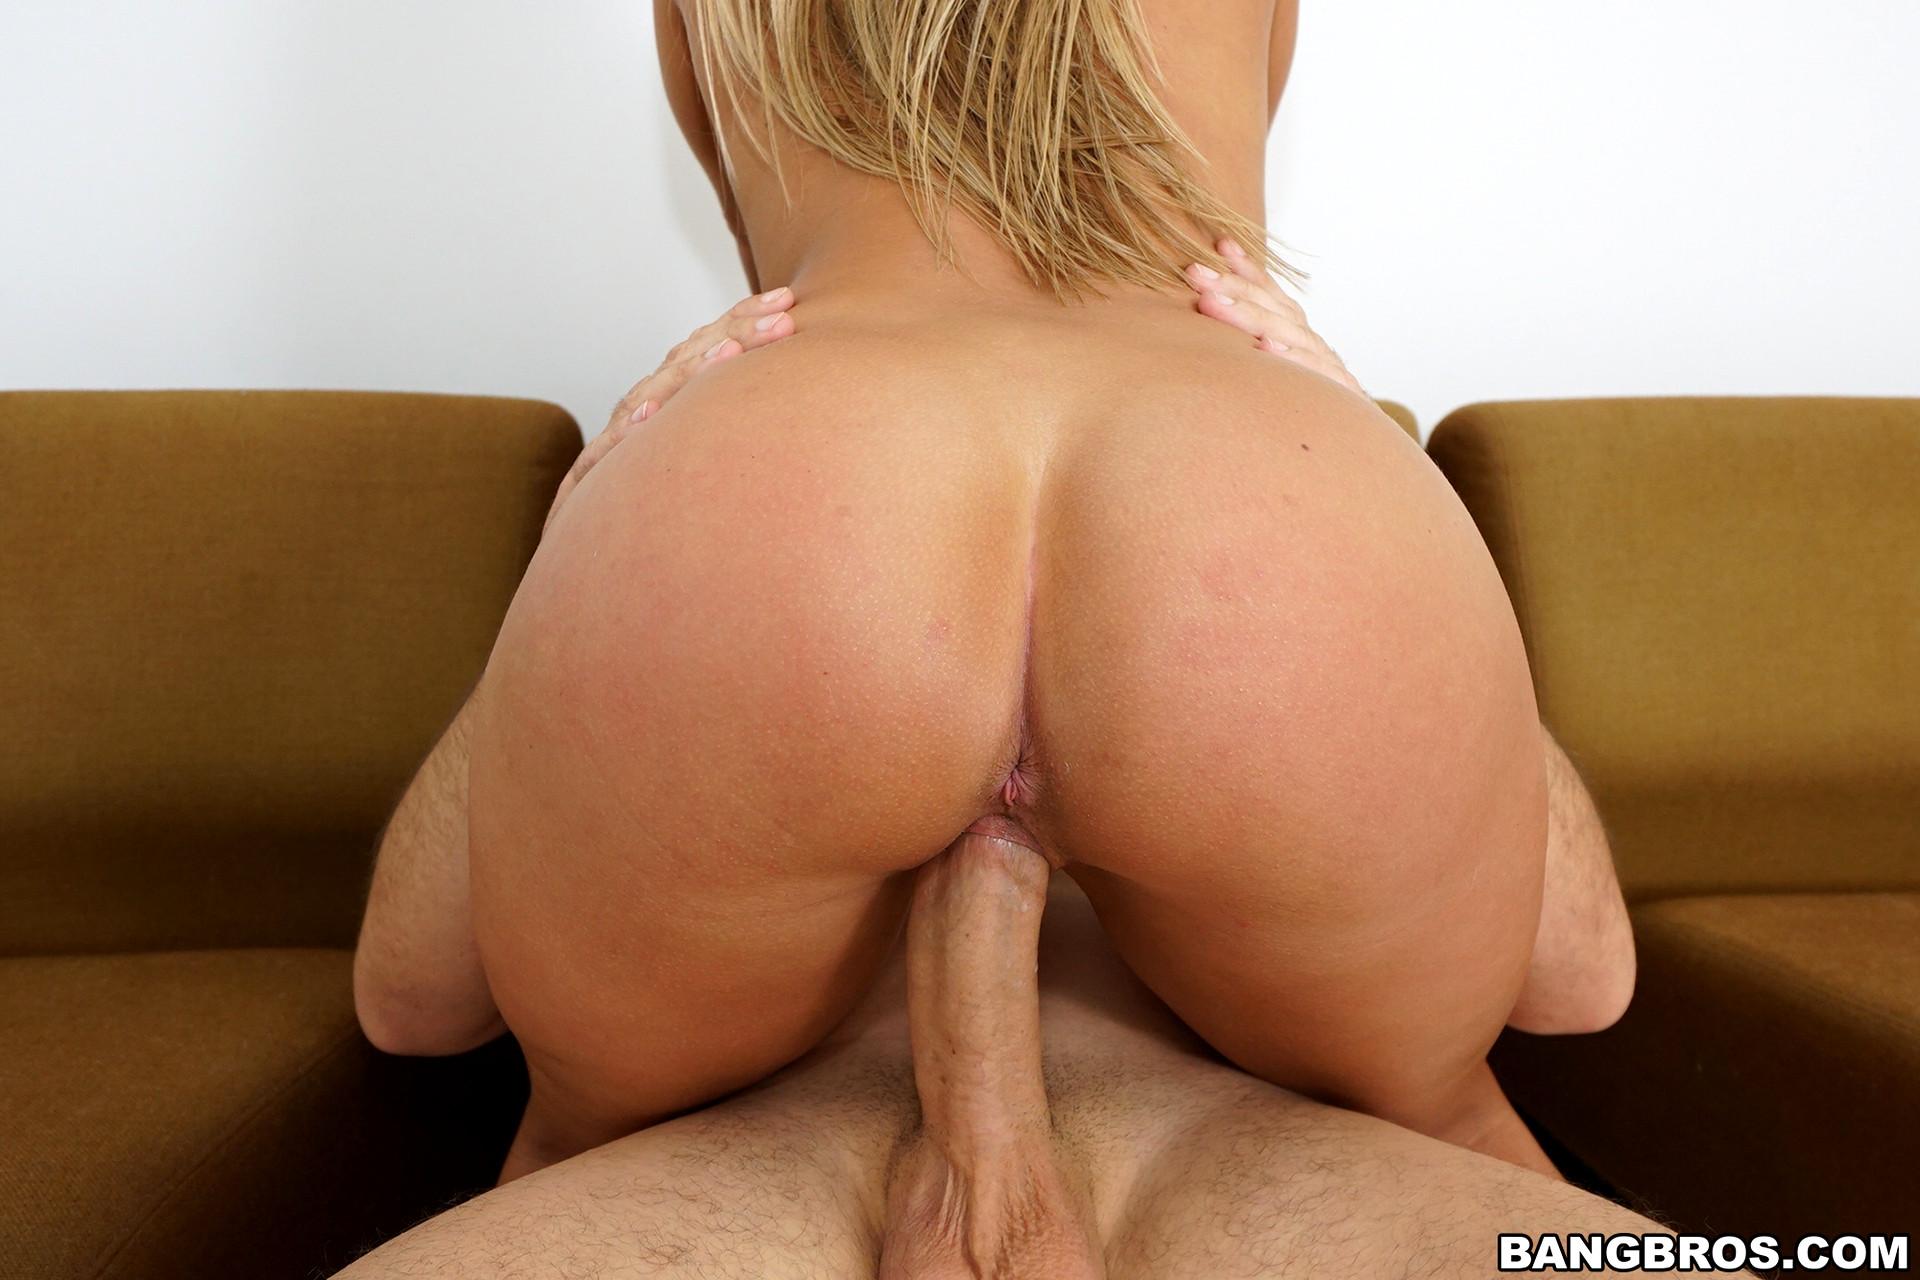 dare babe nude pics